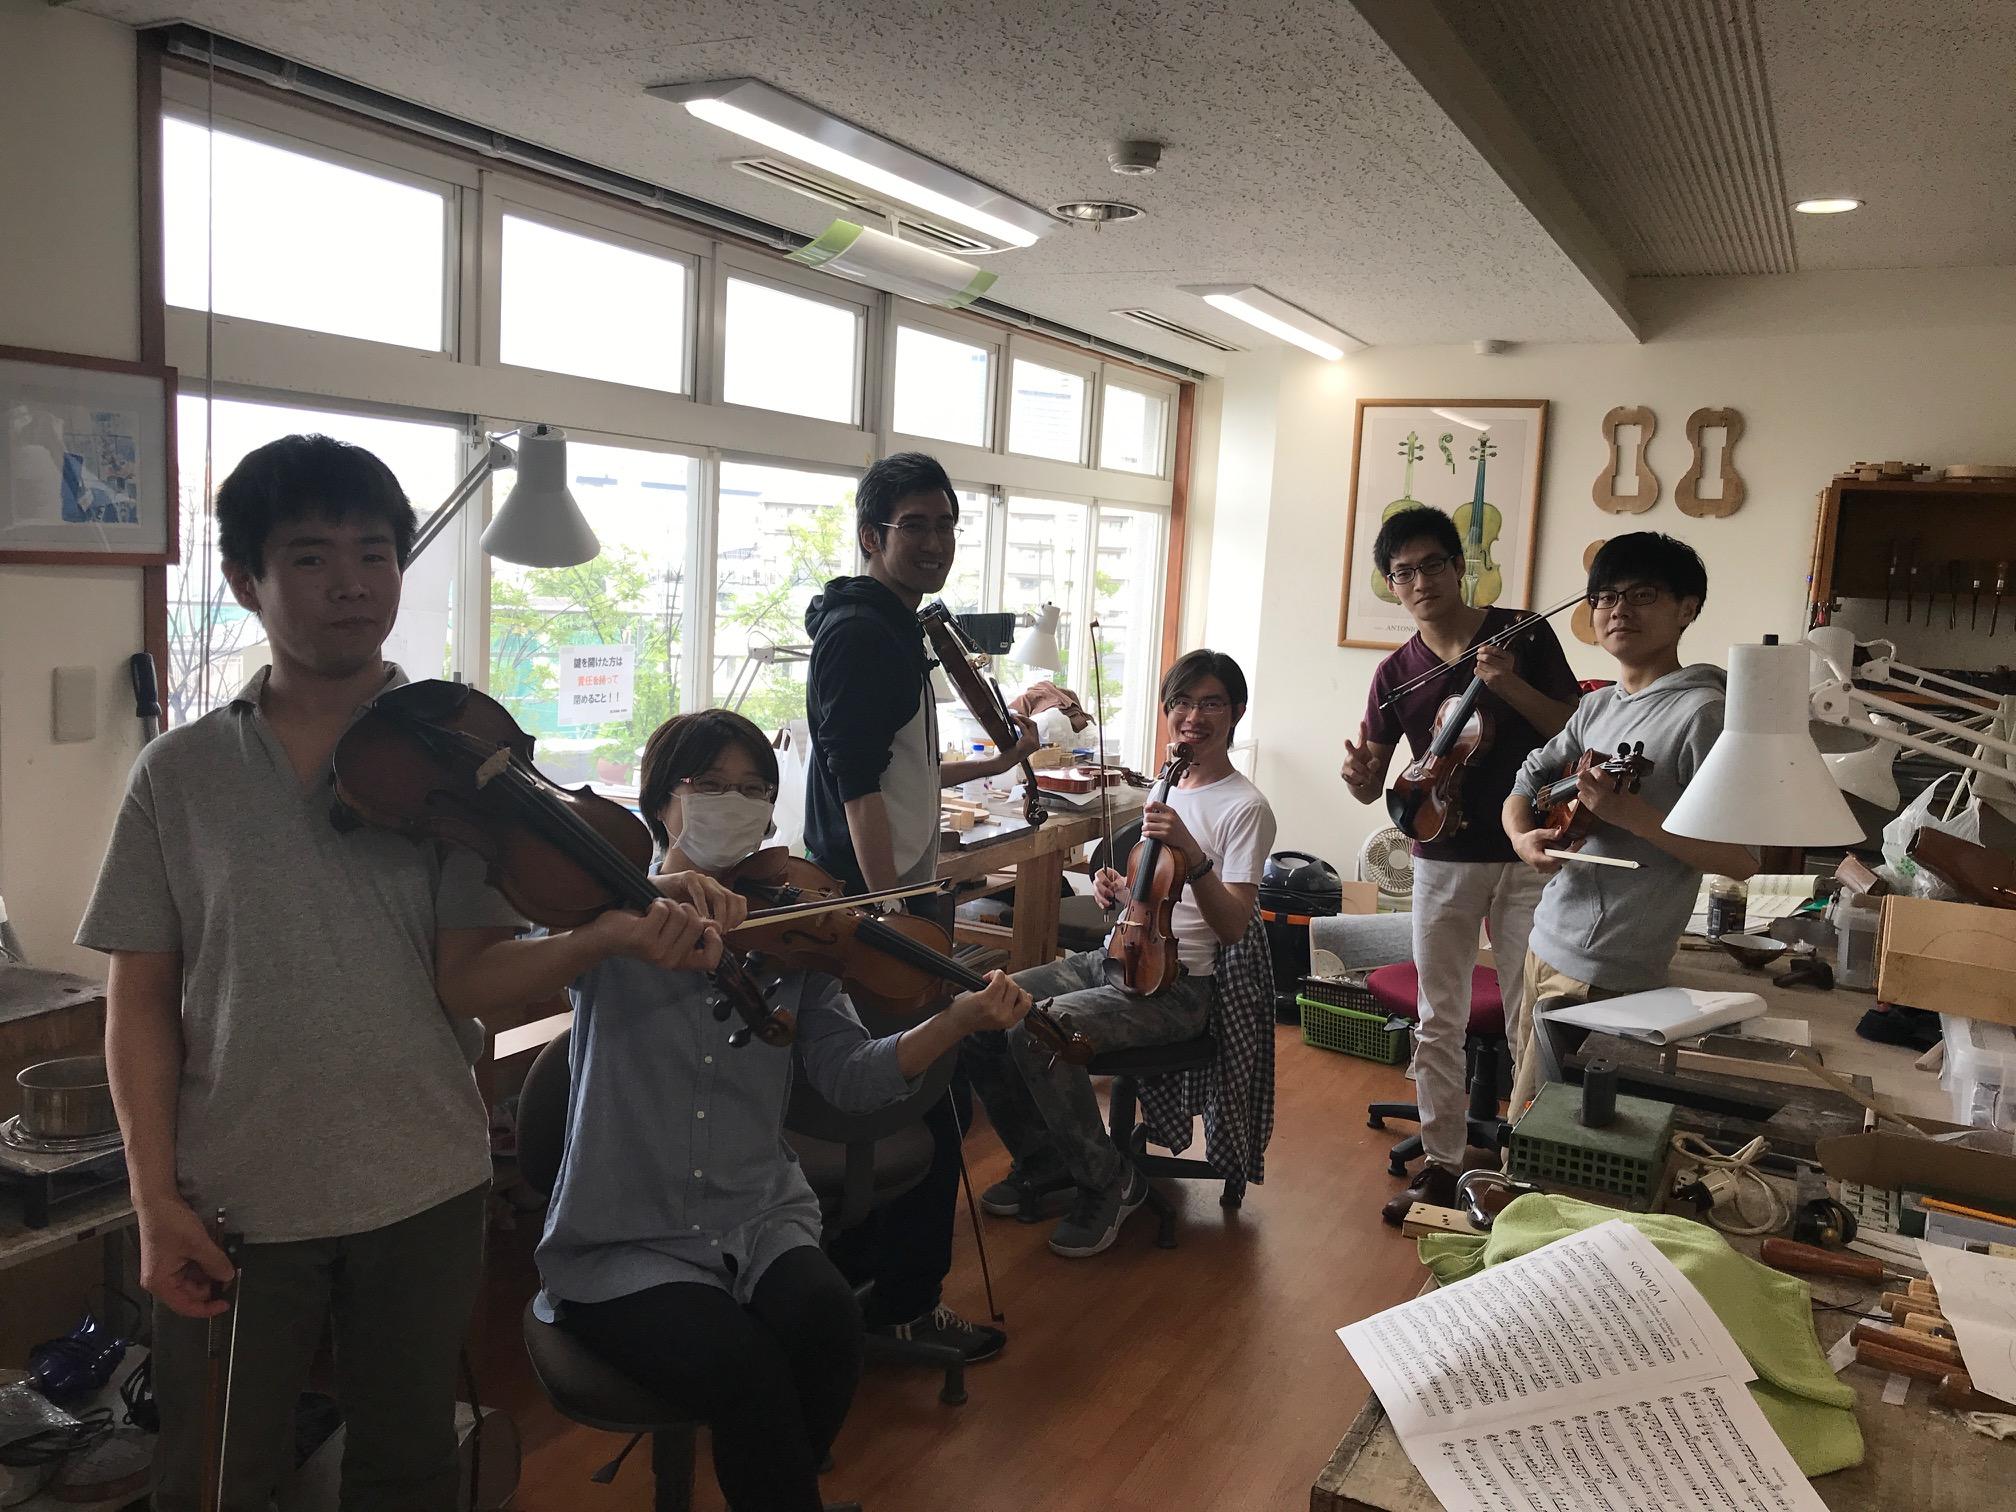 ヴァイオリン製作科の学生6名がヴァイオリンを手に笑顔で撮影に応じてくれました。